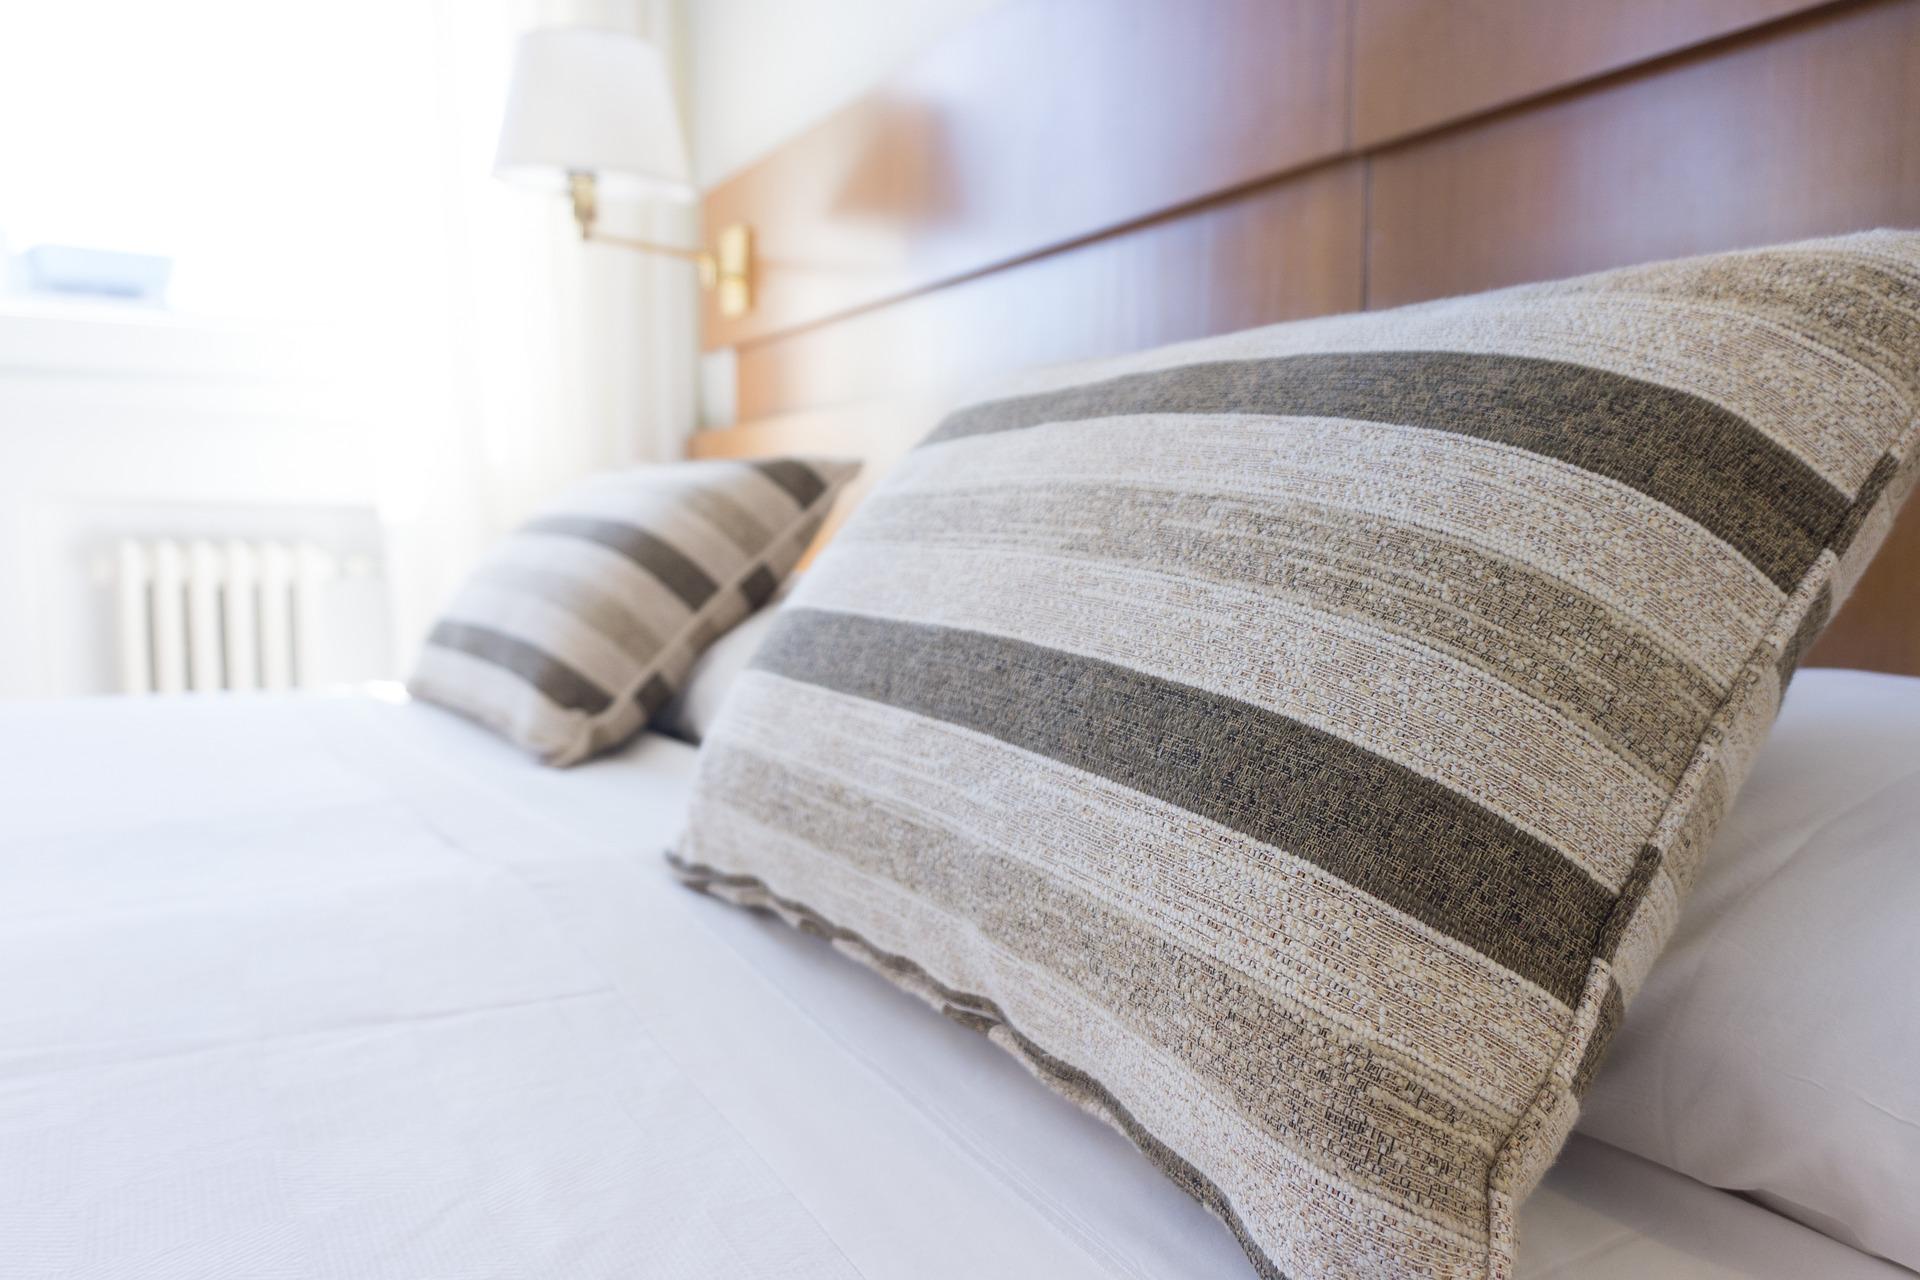 Szare poduszki na łóżku